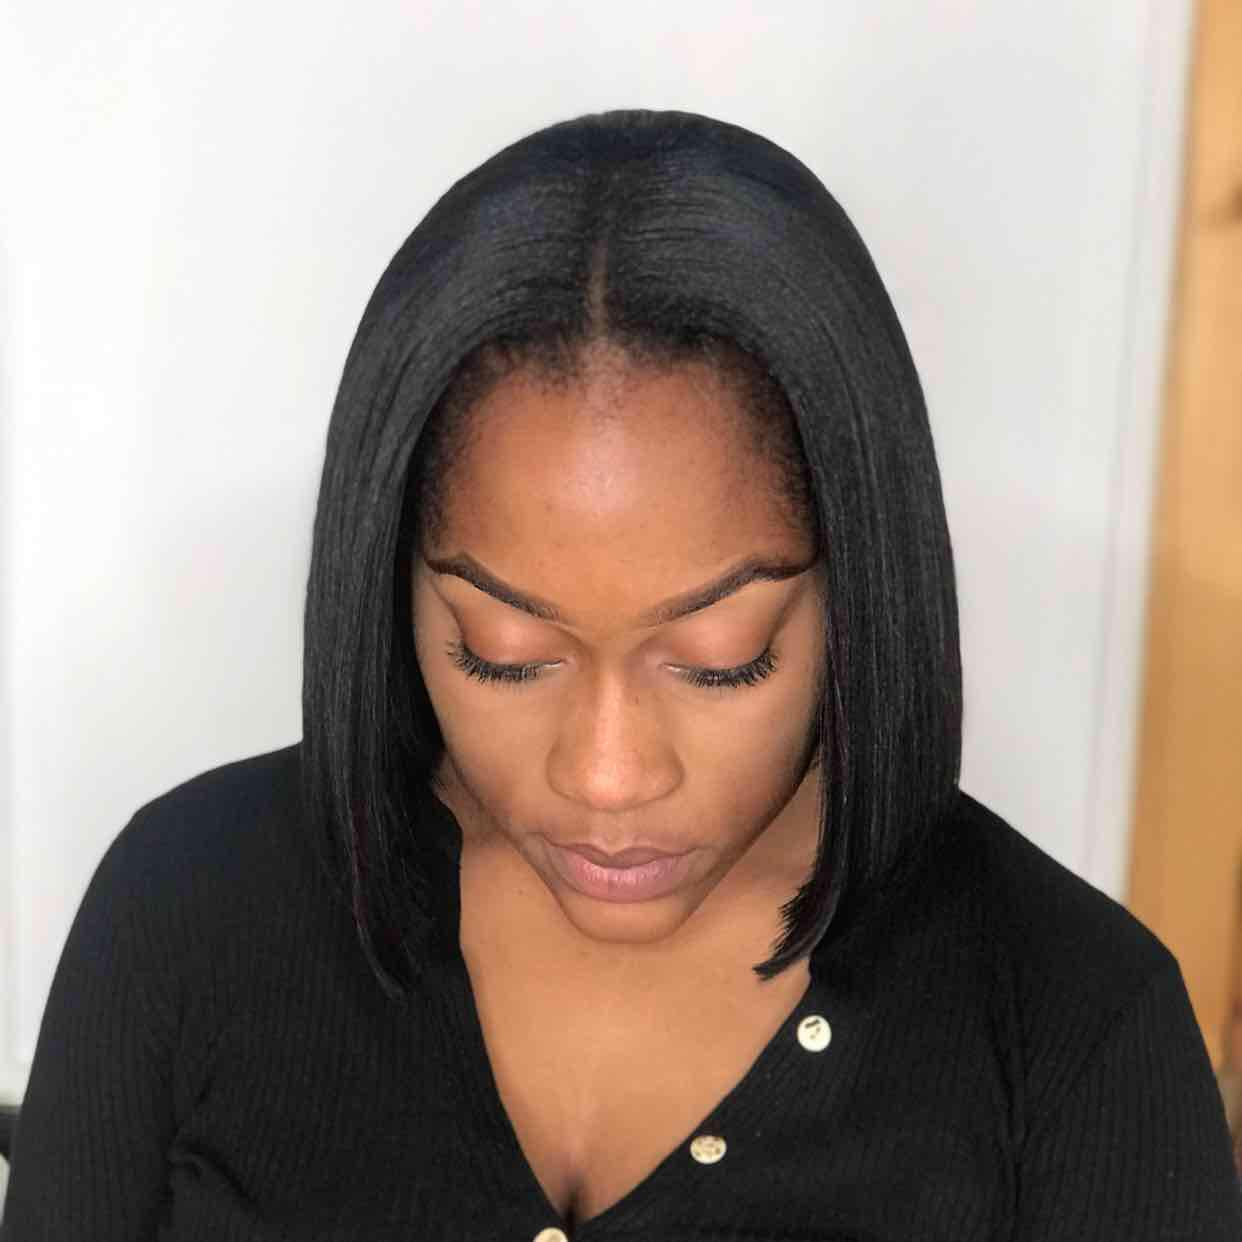 salon de coiffure afro tresse tresses box braids crochet braids vanilles tissages paris 75 77 78 91 92 93 94 95 KYTHOCOA